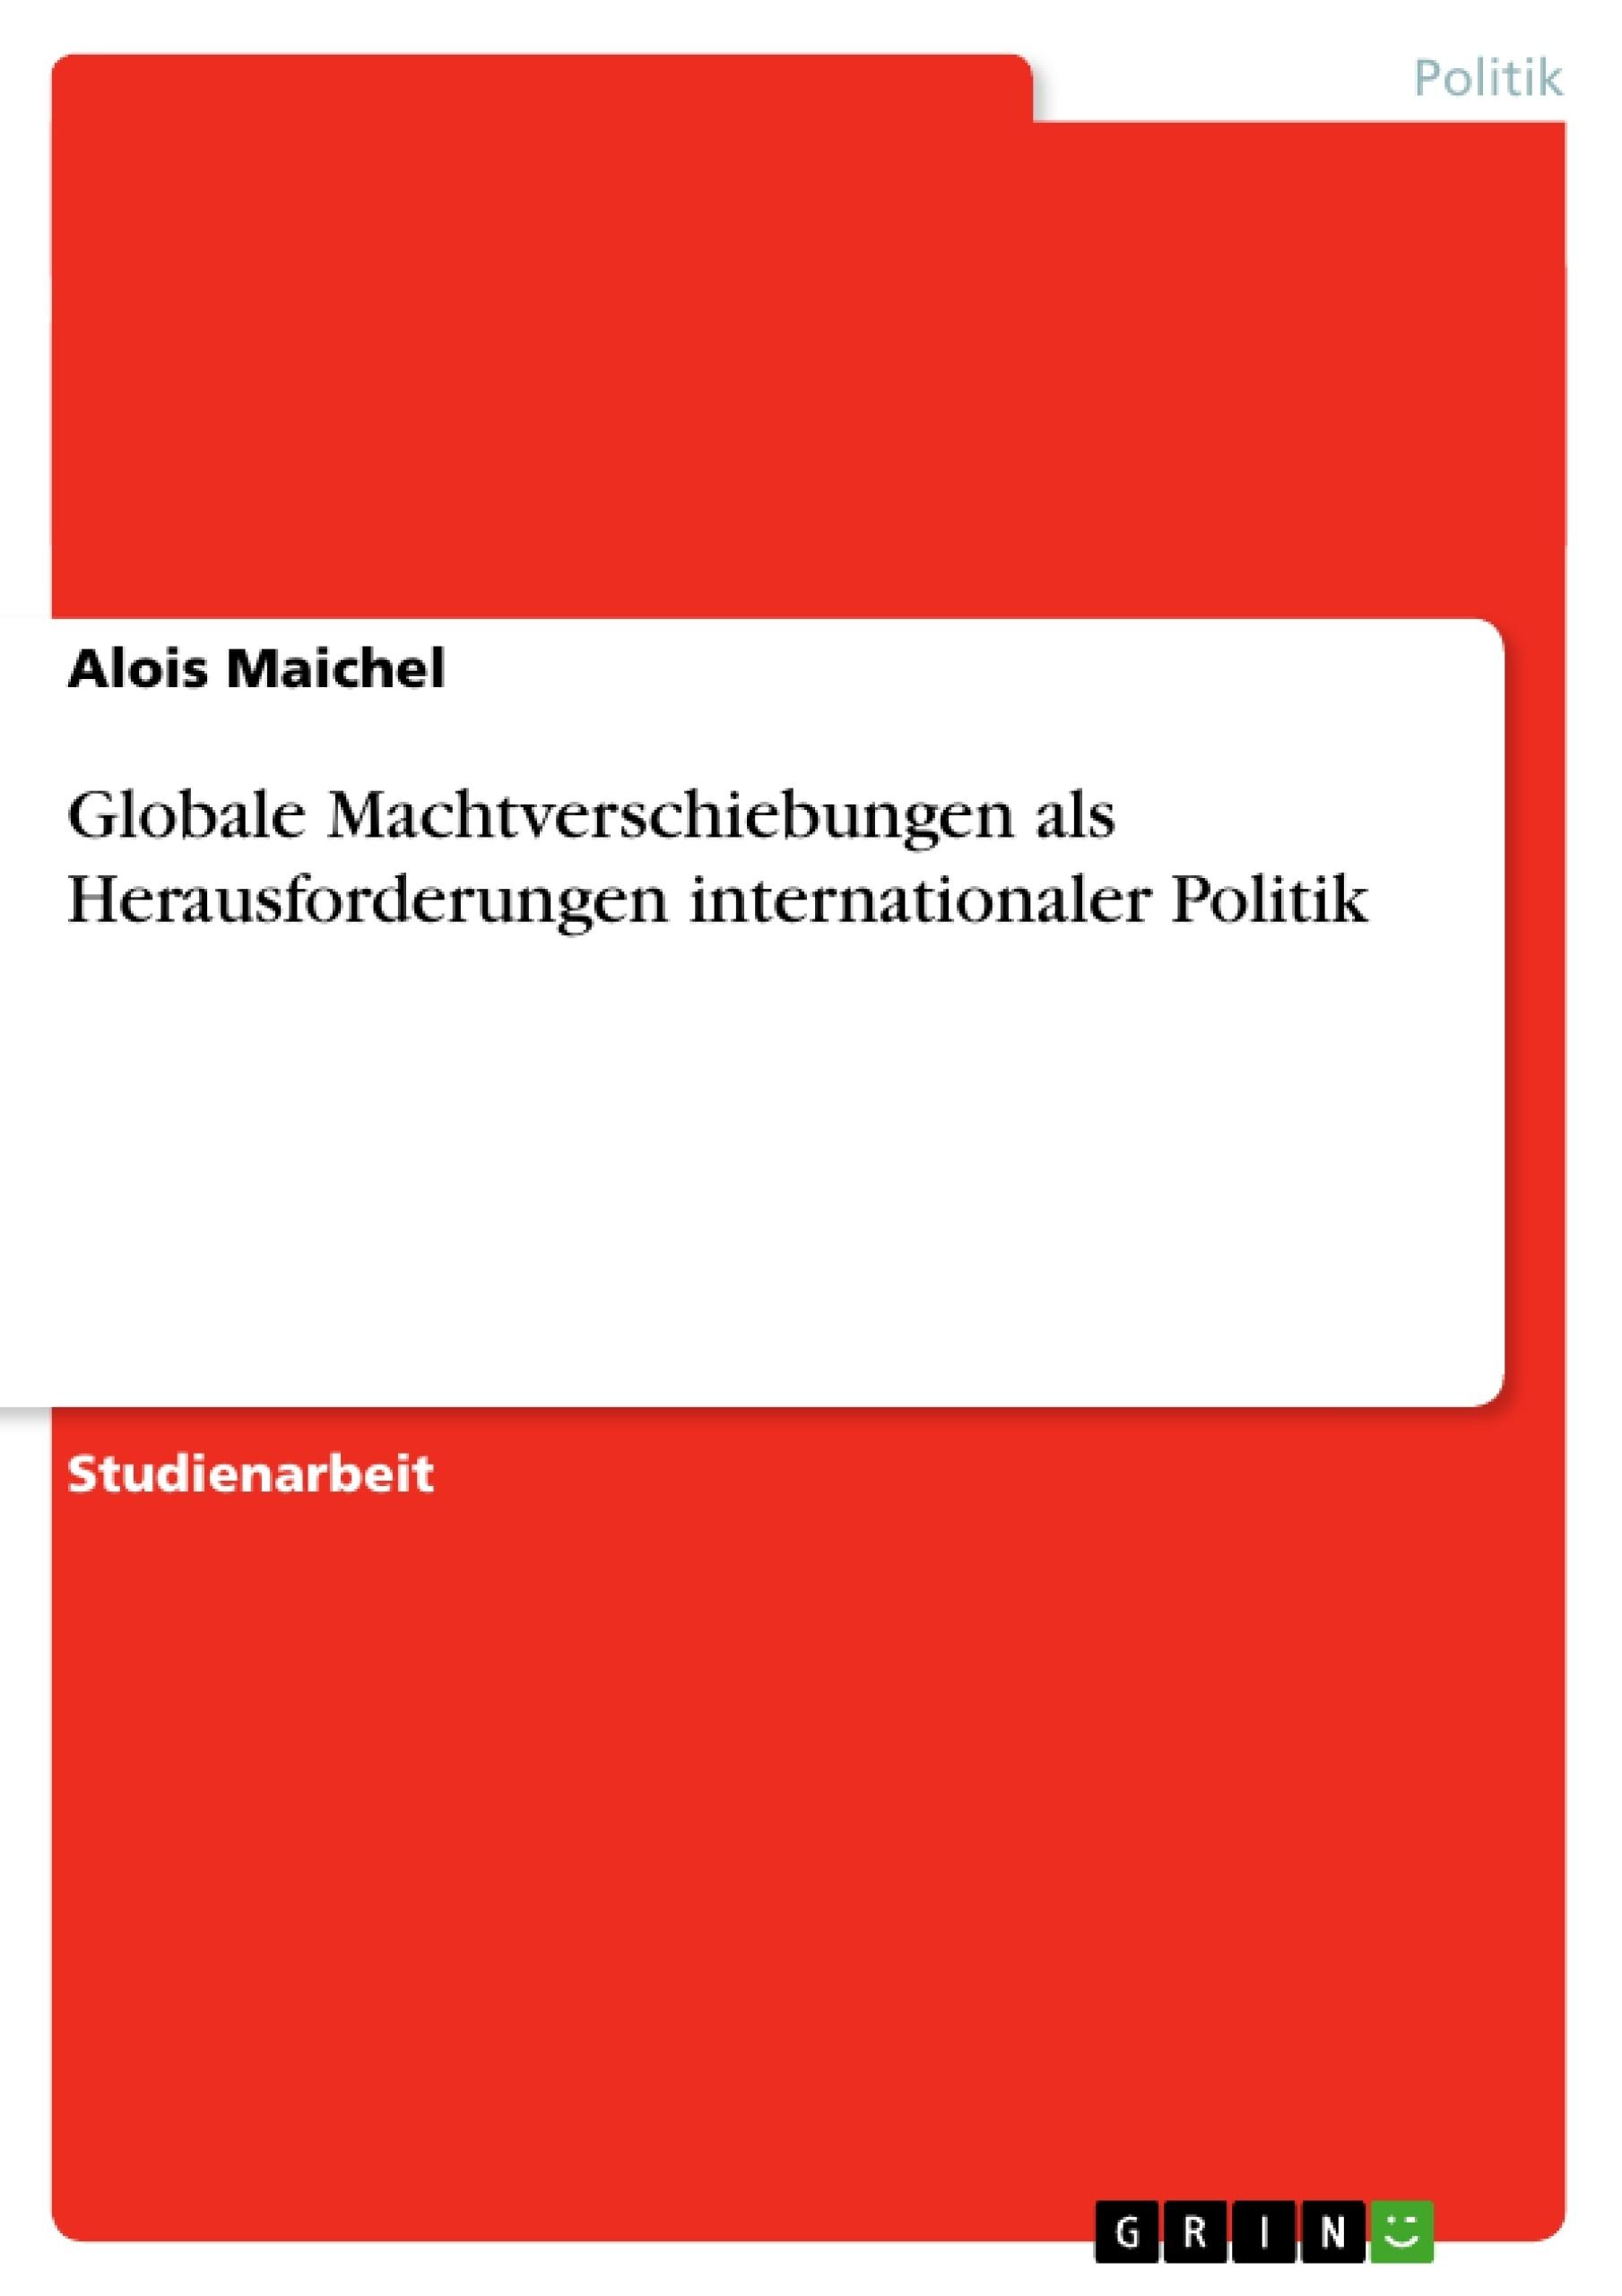 Titel: Globale Machtverschiebungen als Herausforderungen internationaler Politik